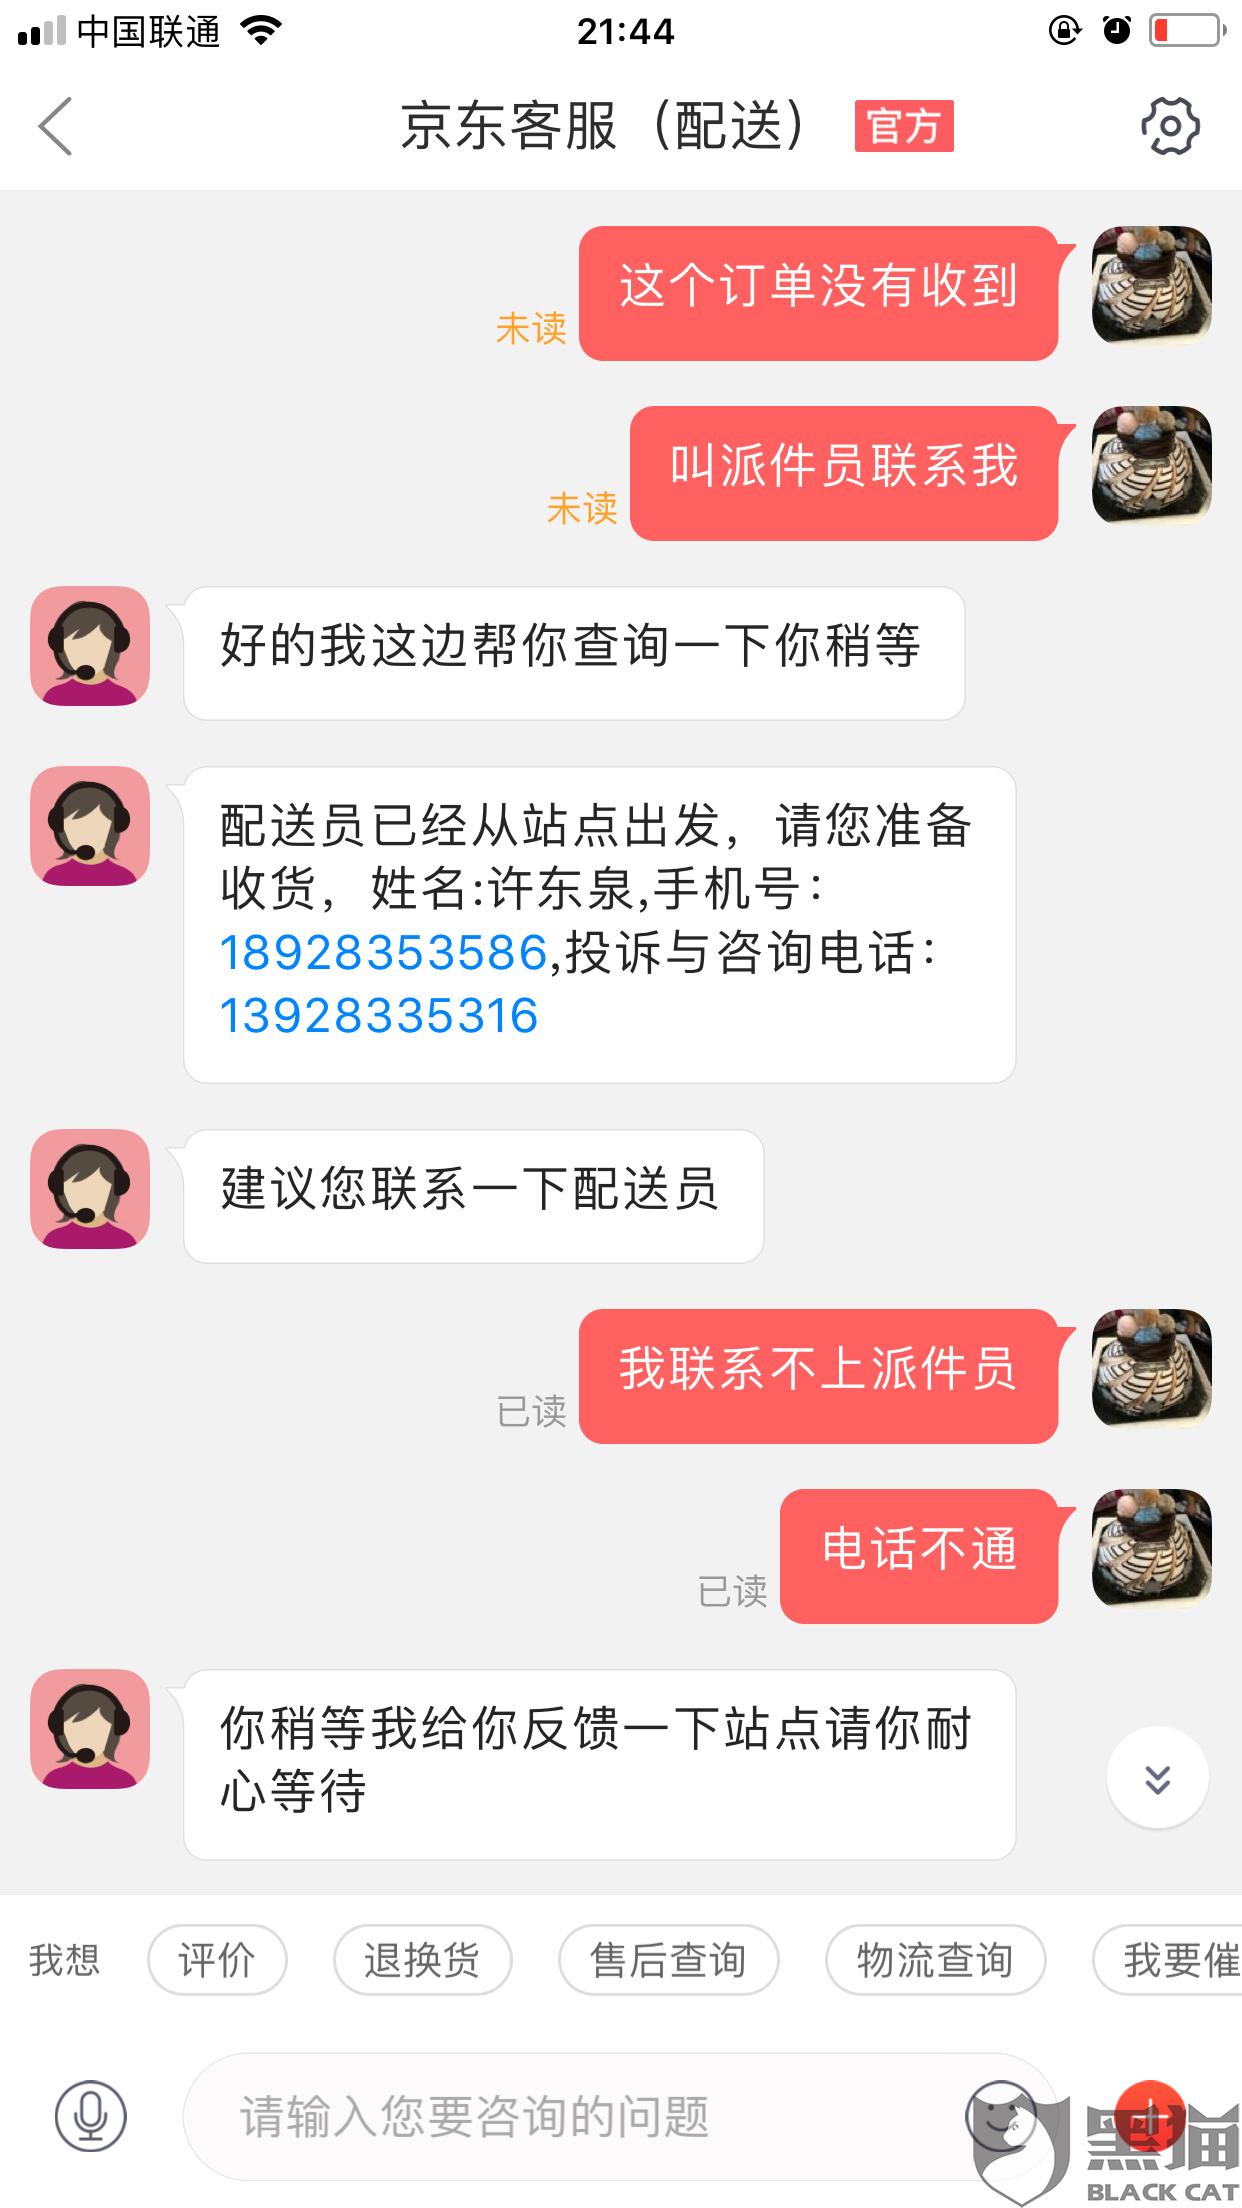 黑猫投诉:京东购物无保障,货未收到显示订单已完成